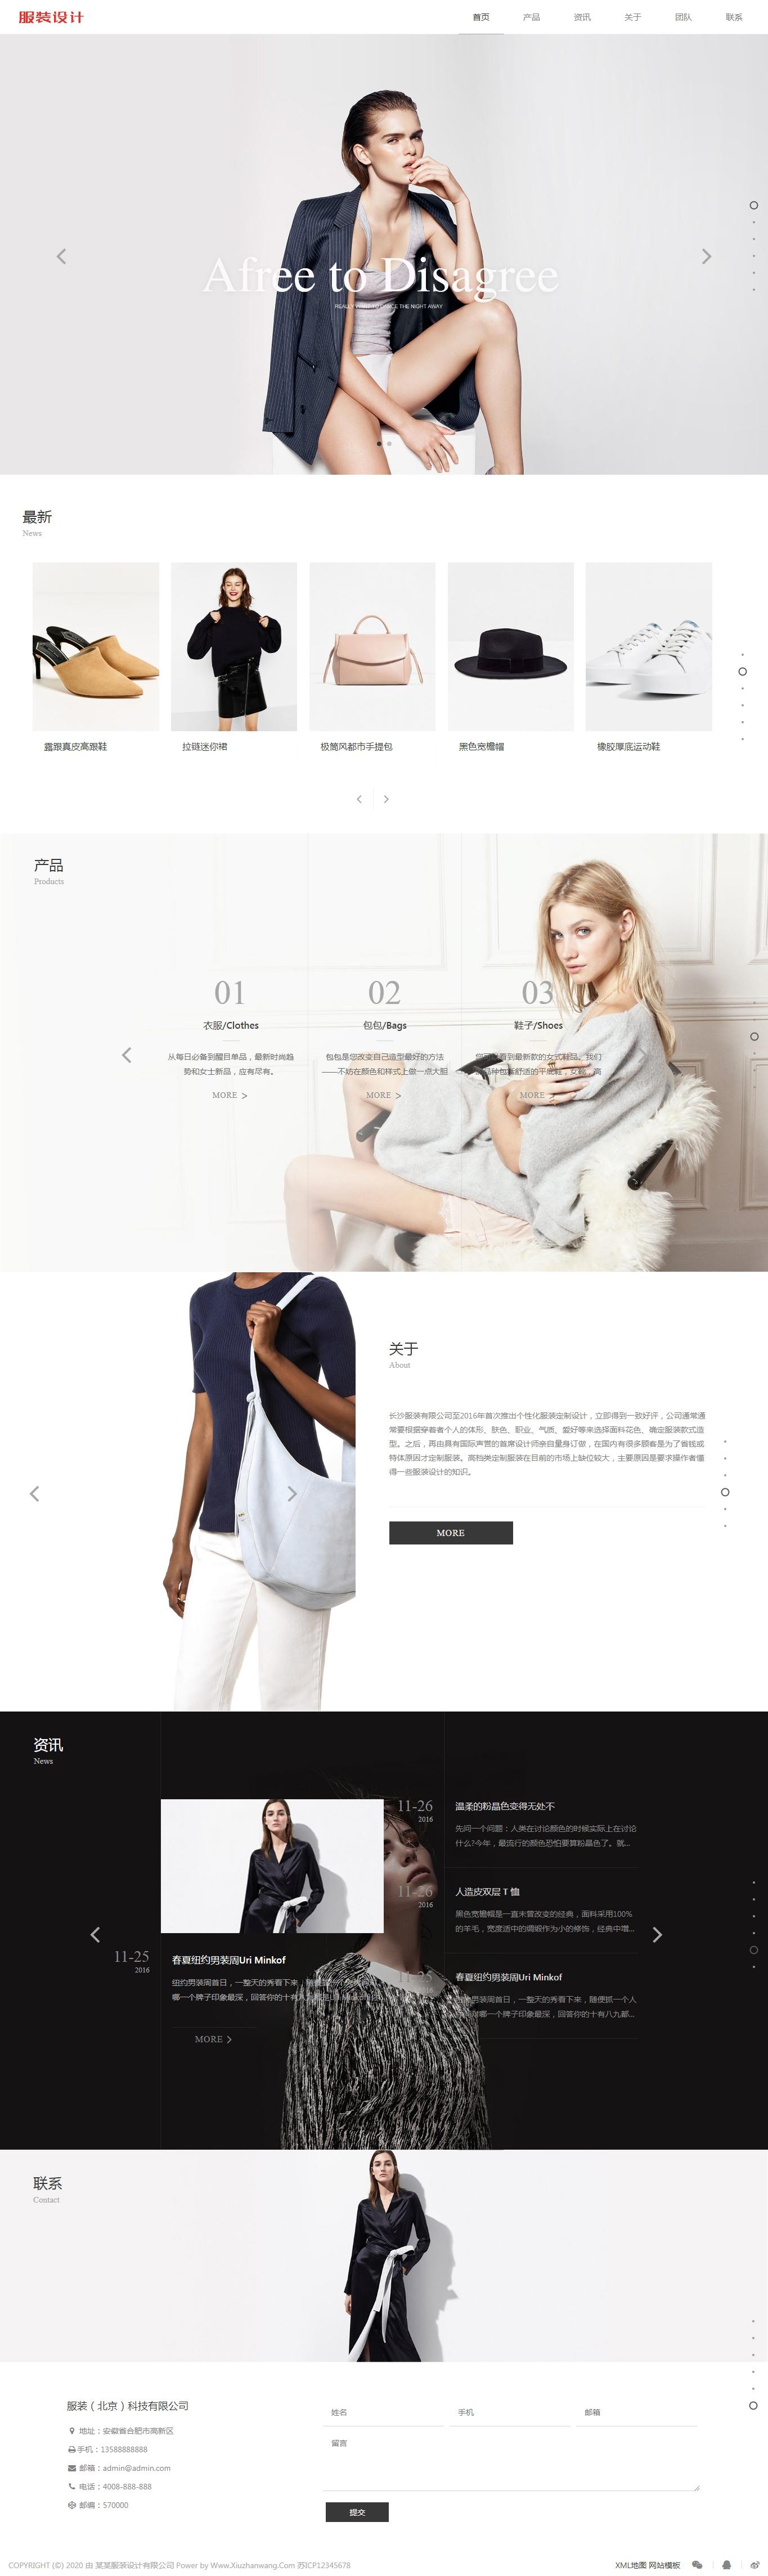 响应式创意滚屏摄影服装服饰网站模板(自适应)